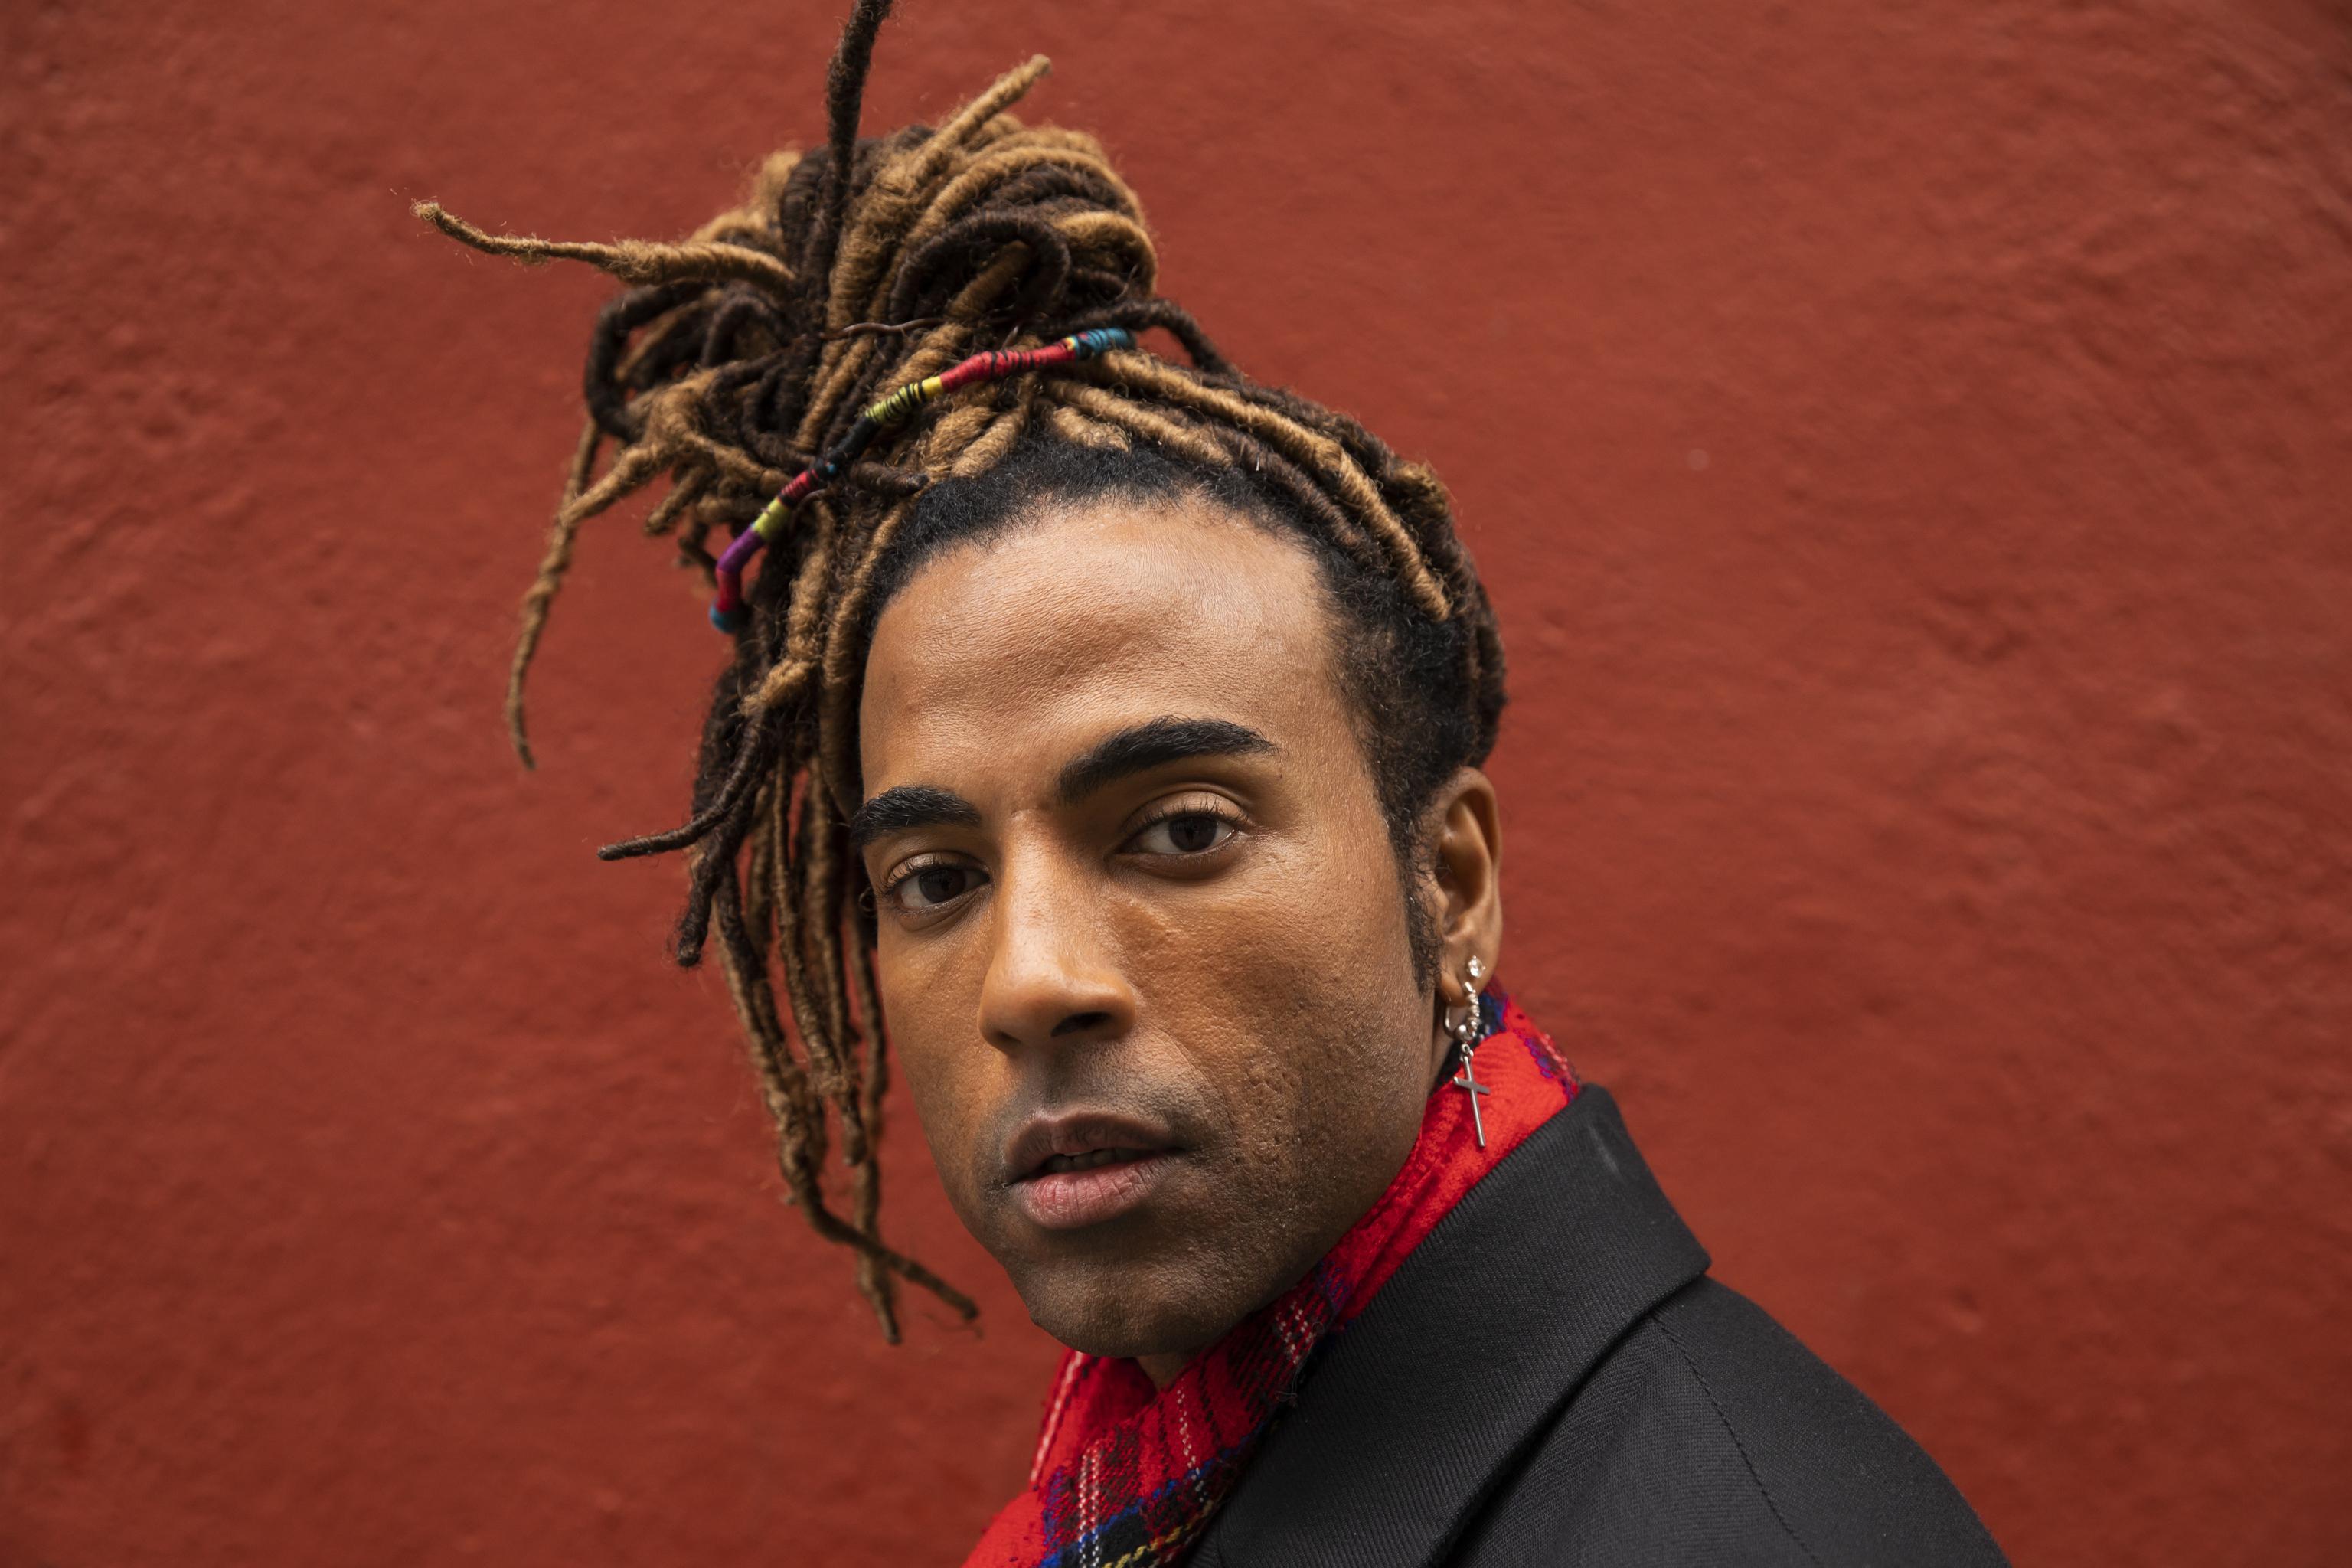 El cantante cubano Yotuel